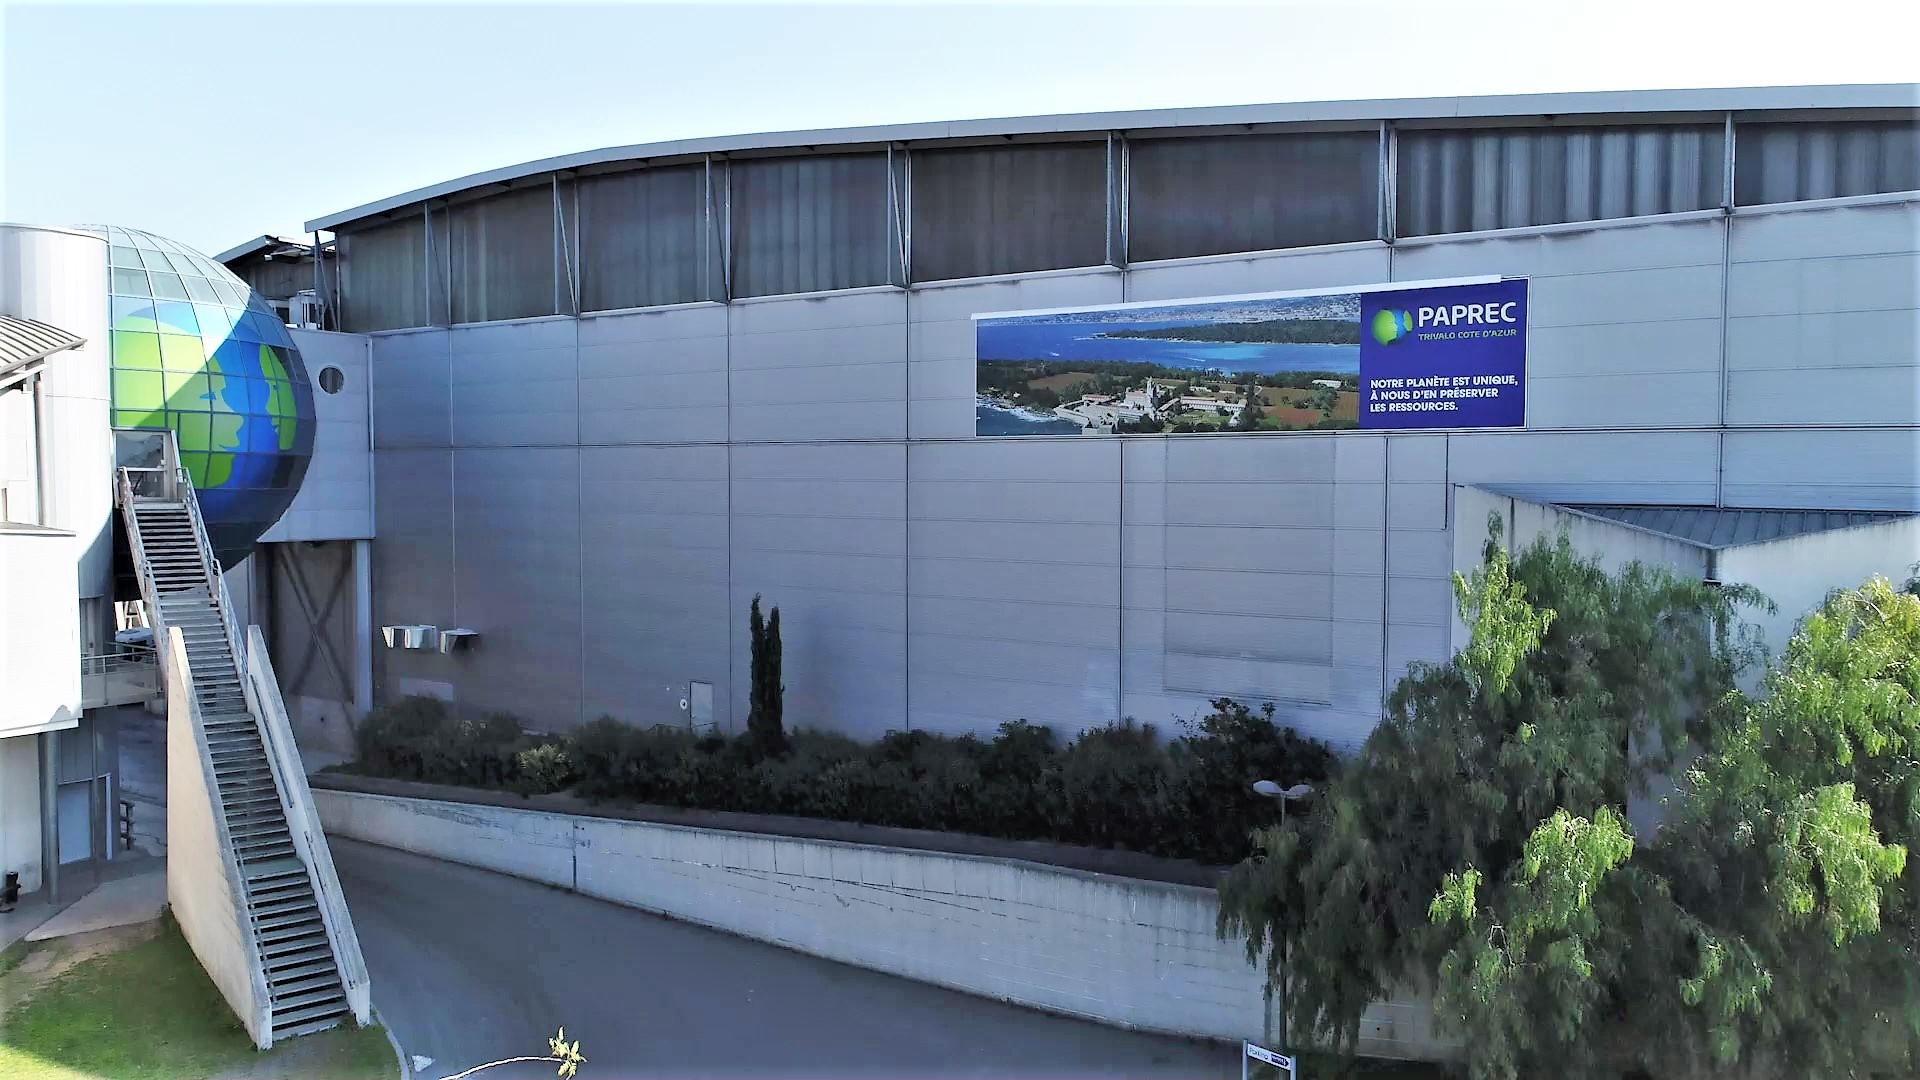 Collecte et tri de tous les emballages plastiques: Cannes montre la voie